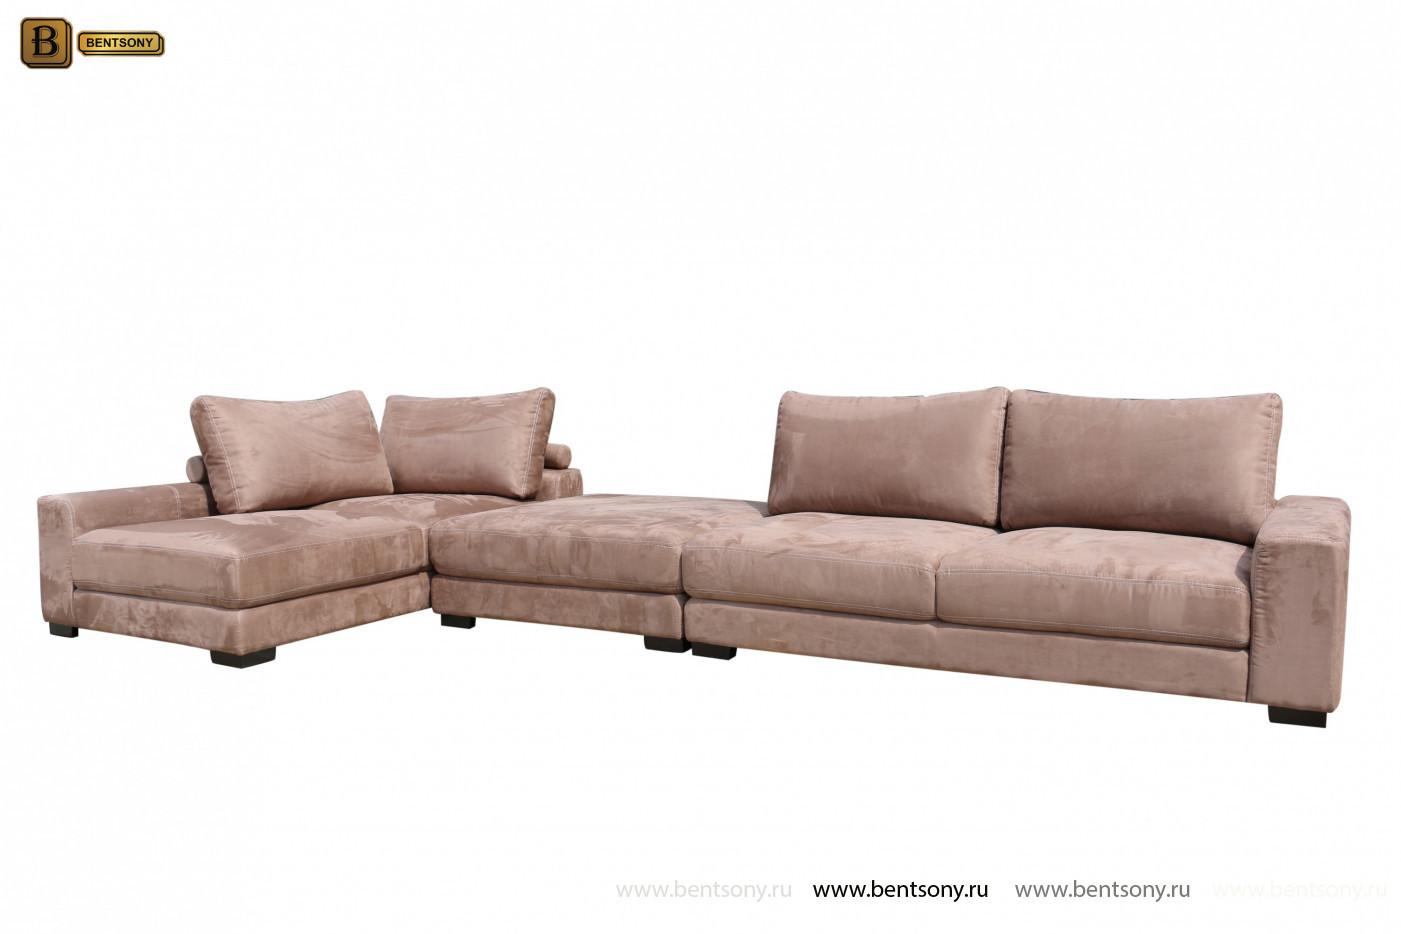 светлый модульный диван Луиджи